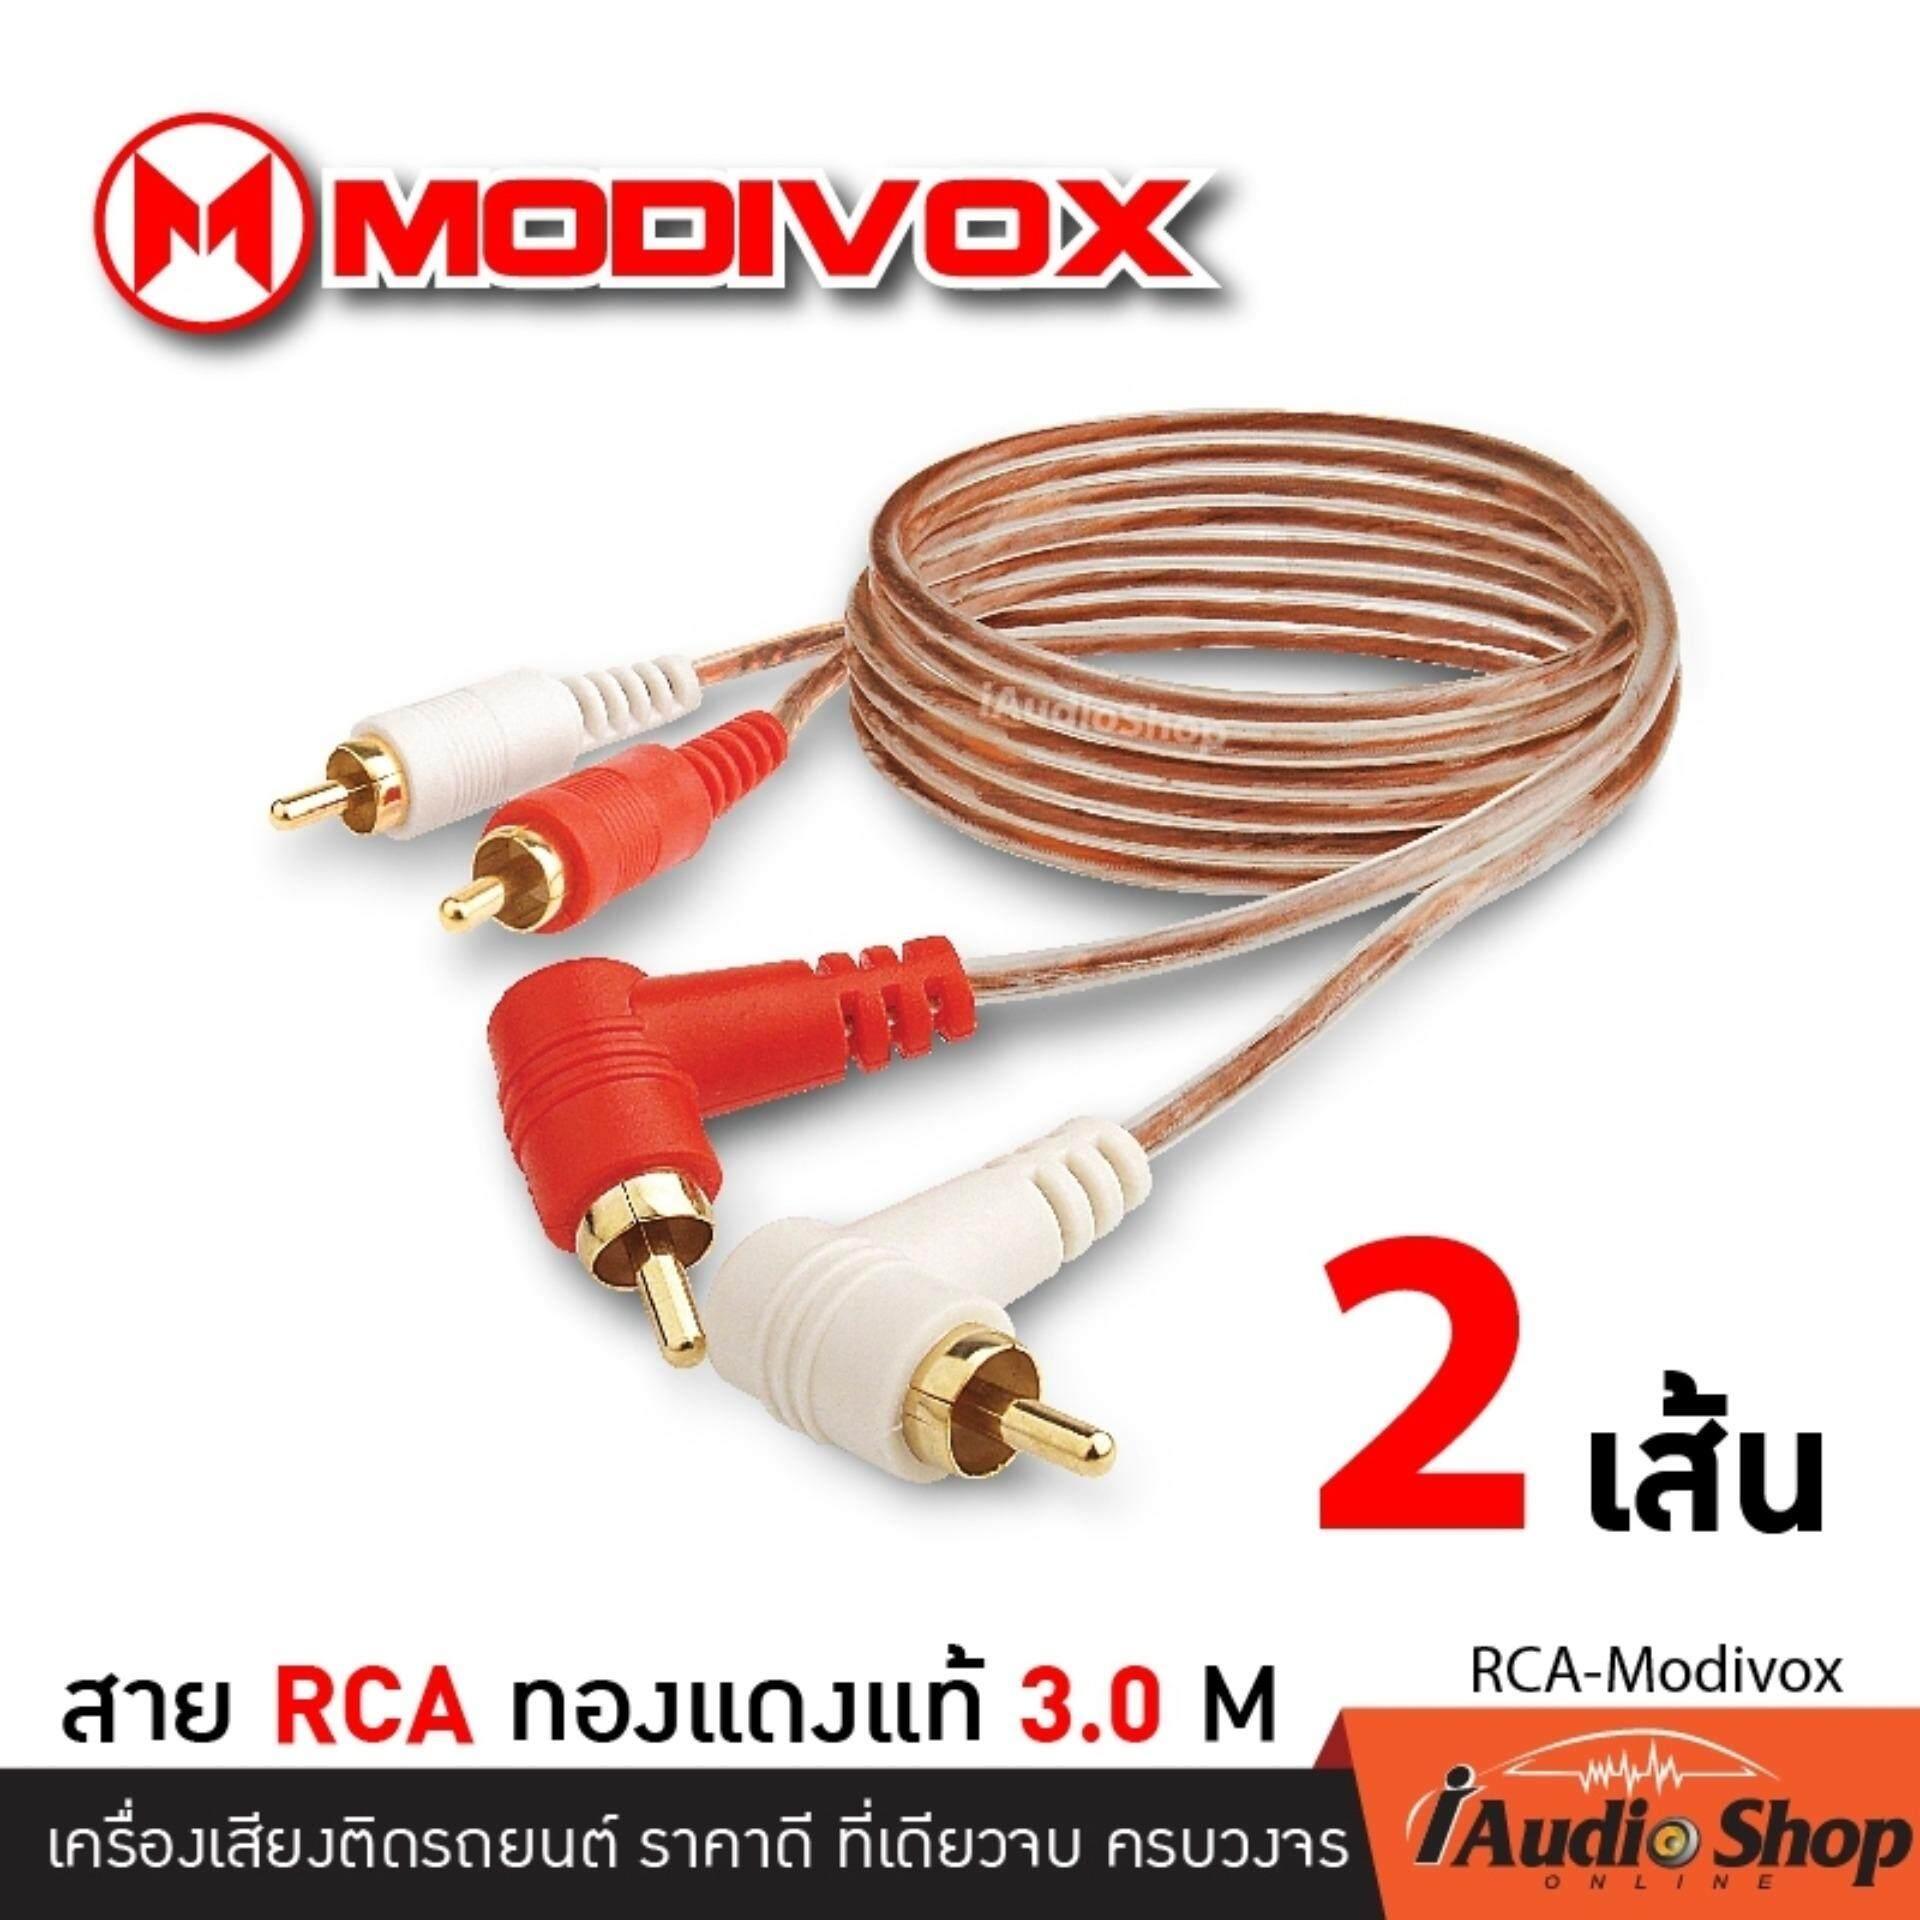 MODIVOX สายสัญญาณ ขนาด 3 เมตร สายRCA สายสัญญาณทองแดงแท้ 99% สายทองแดงแท้ 99% จำนวน 2เส้น